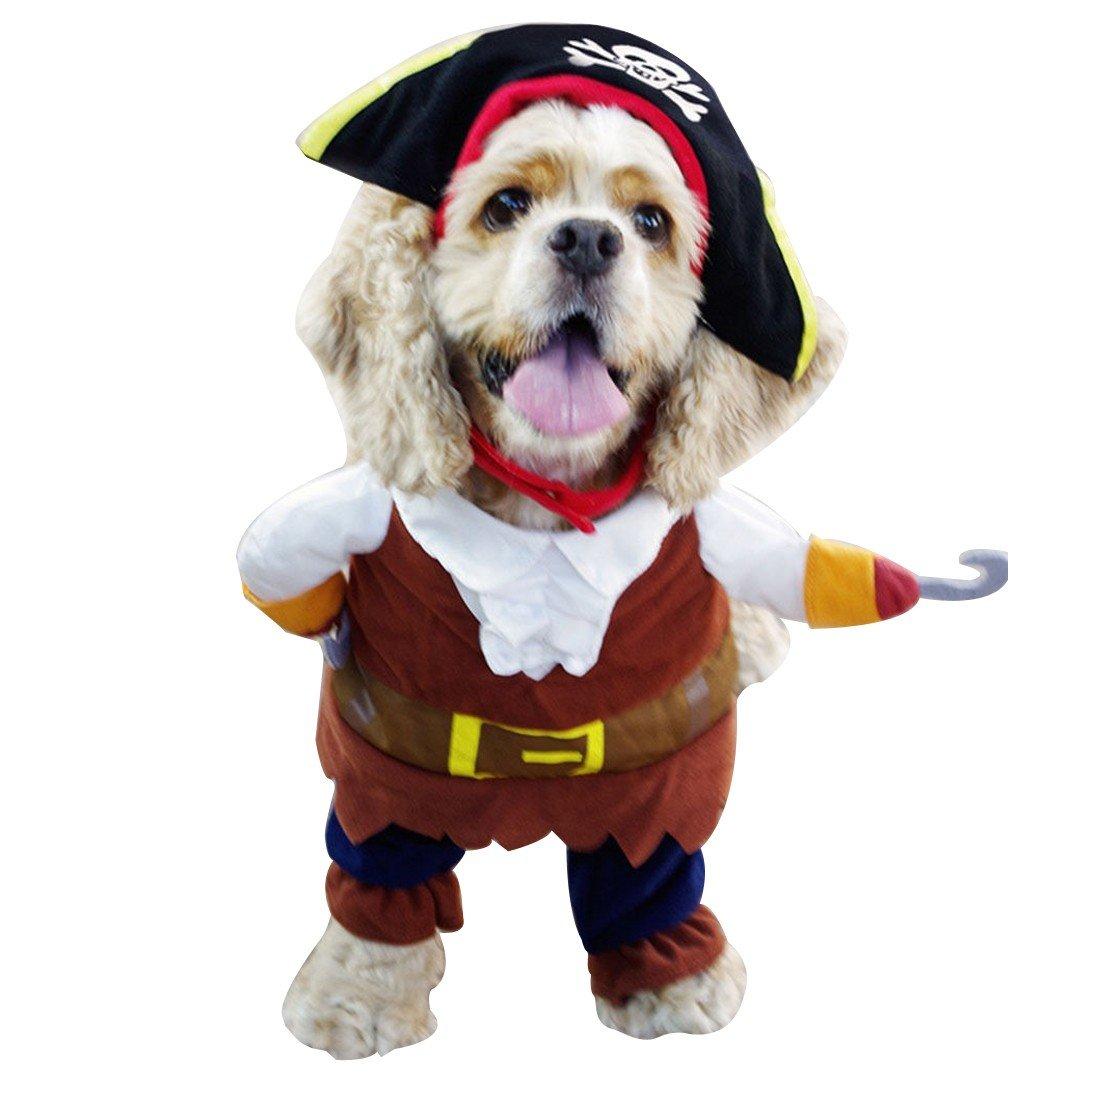 iiniim Pet Stil Pirat Kostüm, Liebenswürdig, braun Pet Kostüm Mantel für Hunde und Katzen Liebenswürdig YDT-10016359-10015917-UK